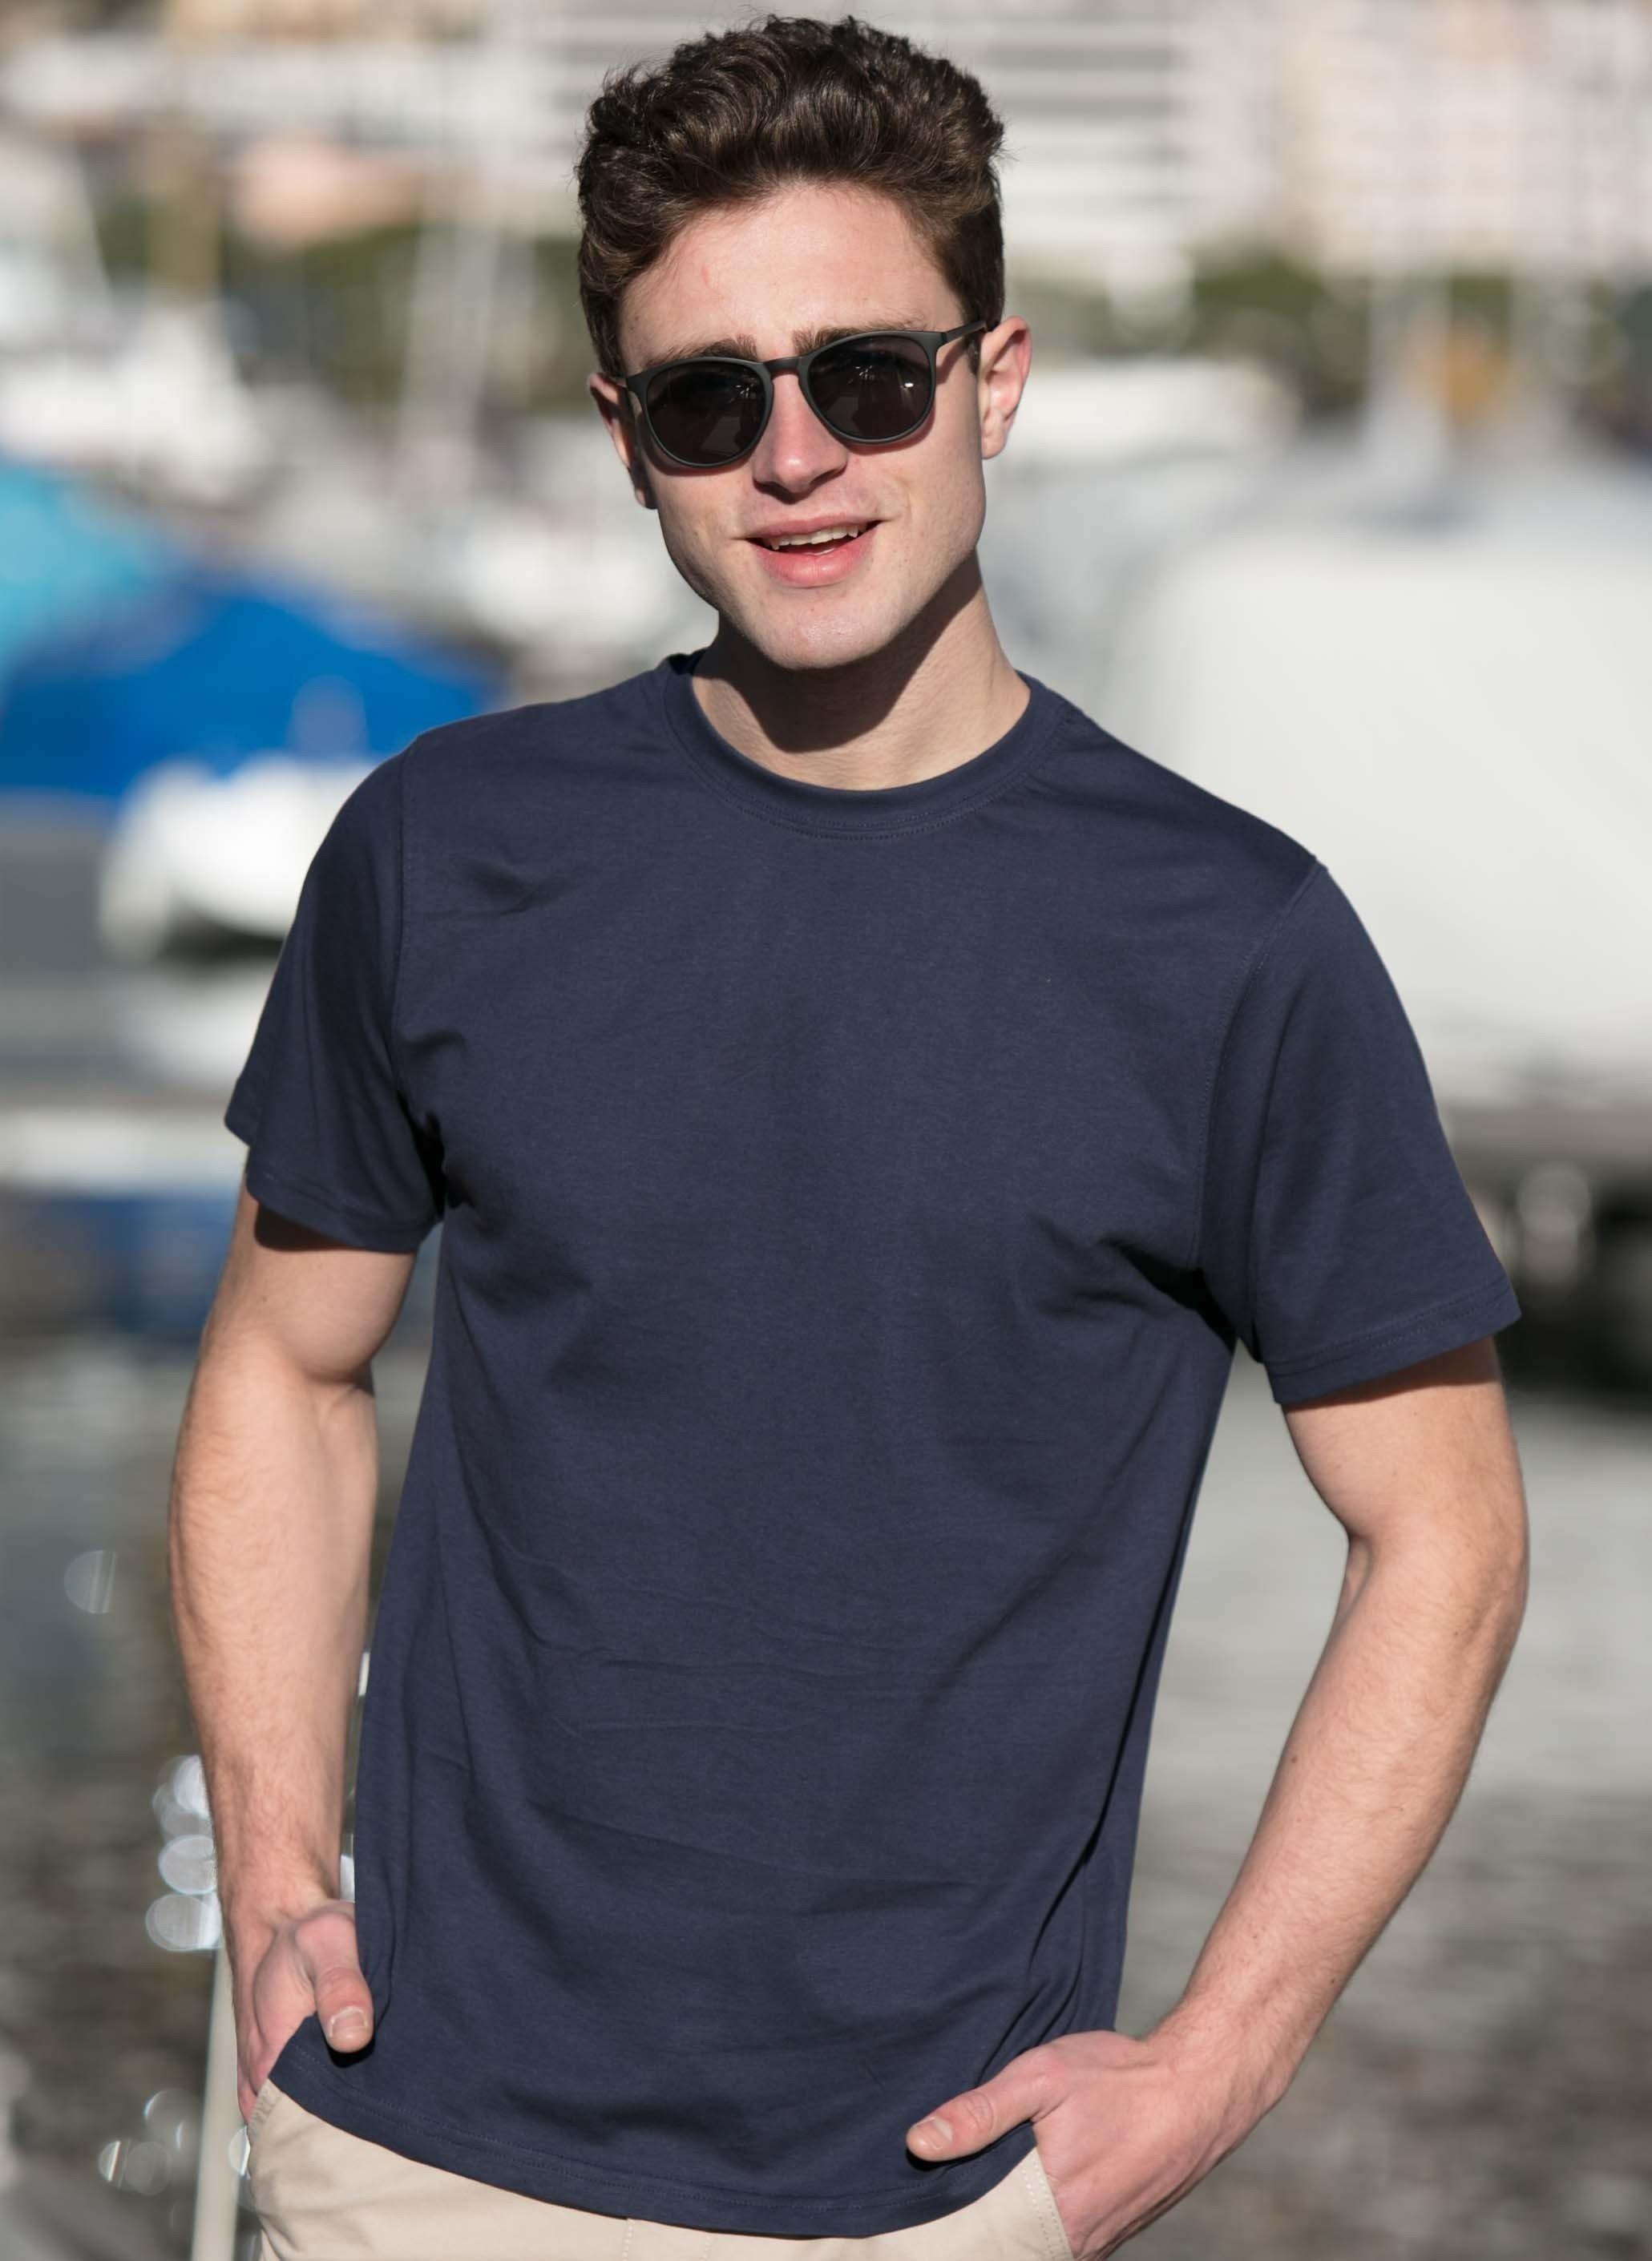 Herren-Kurzarm-Shirt erhältlich in 7 Farben